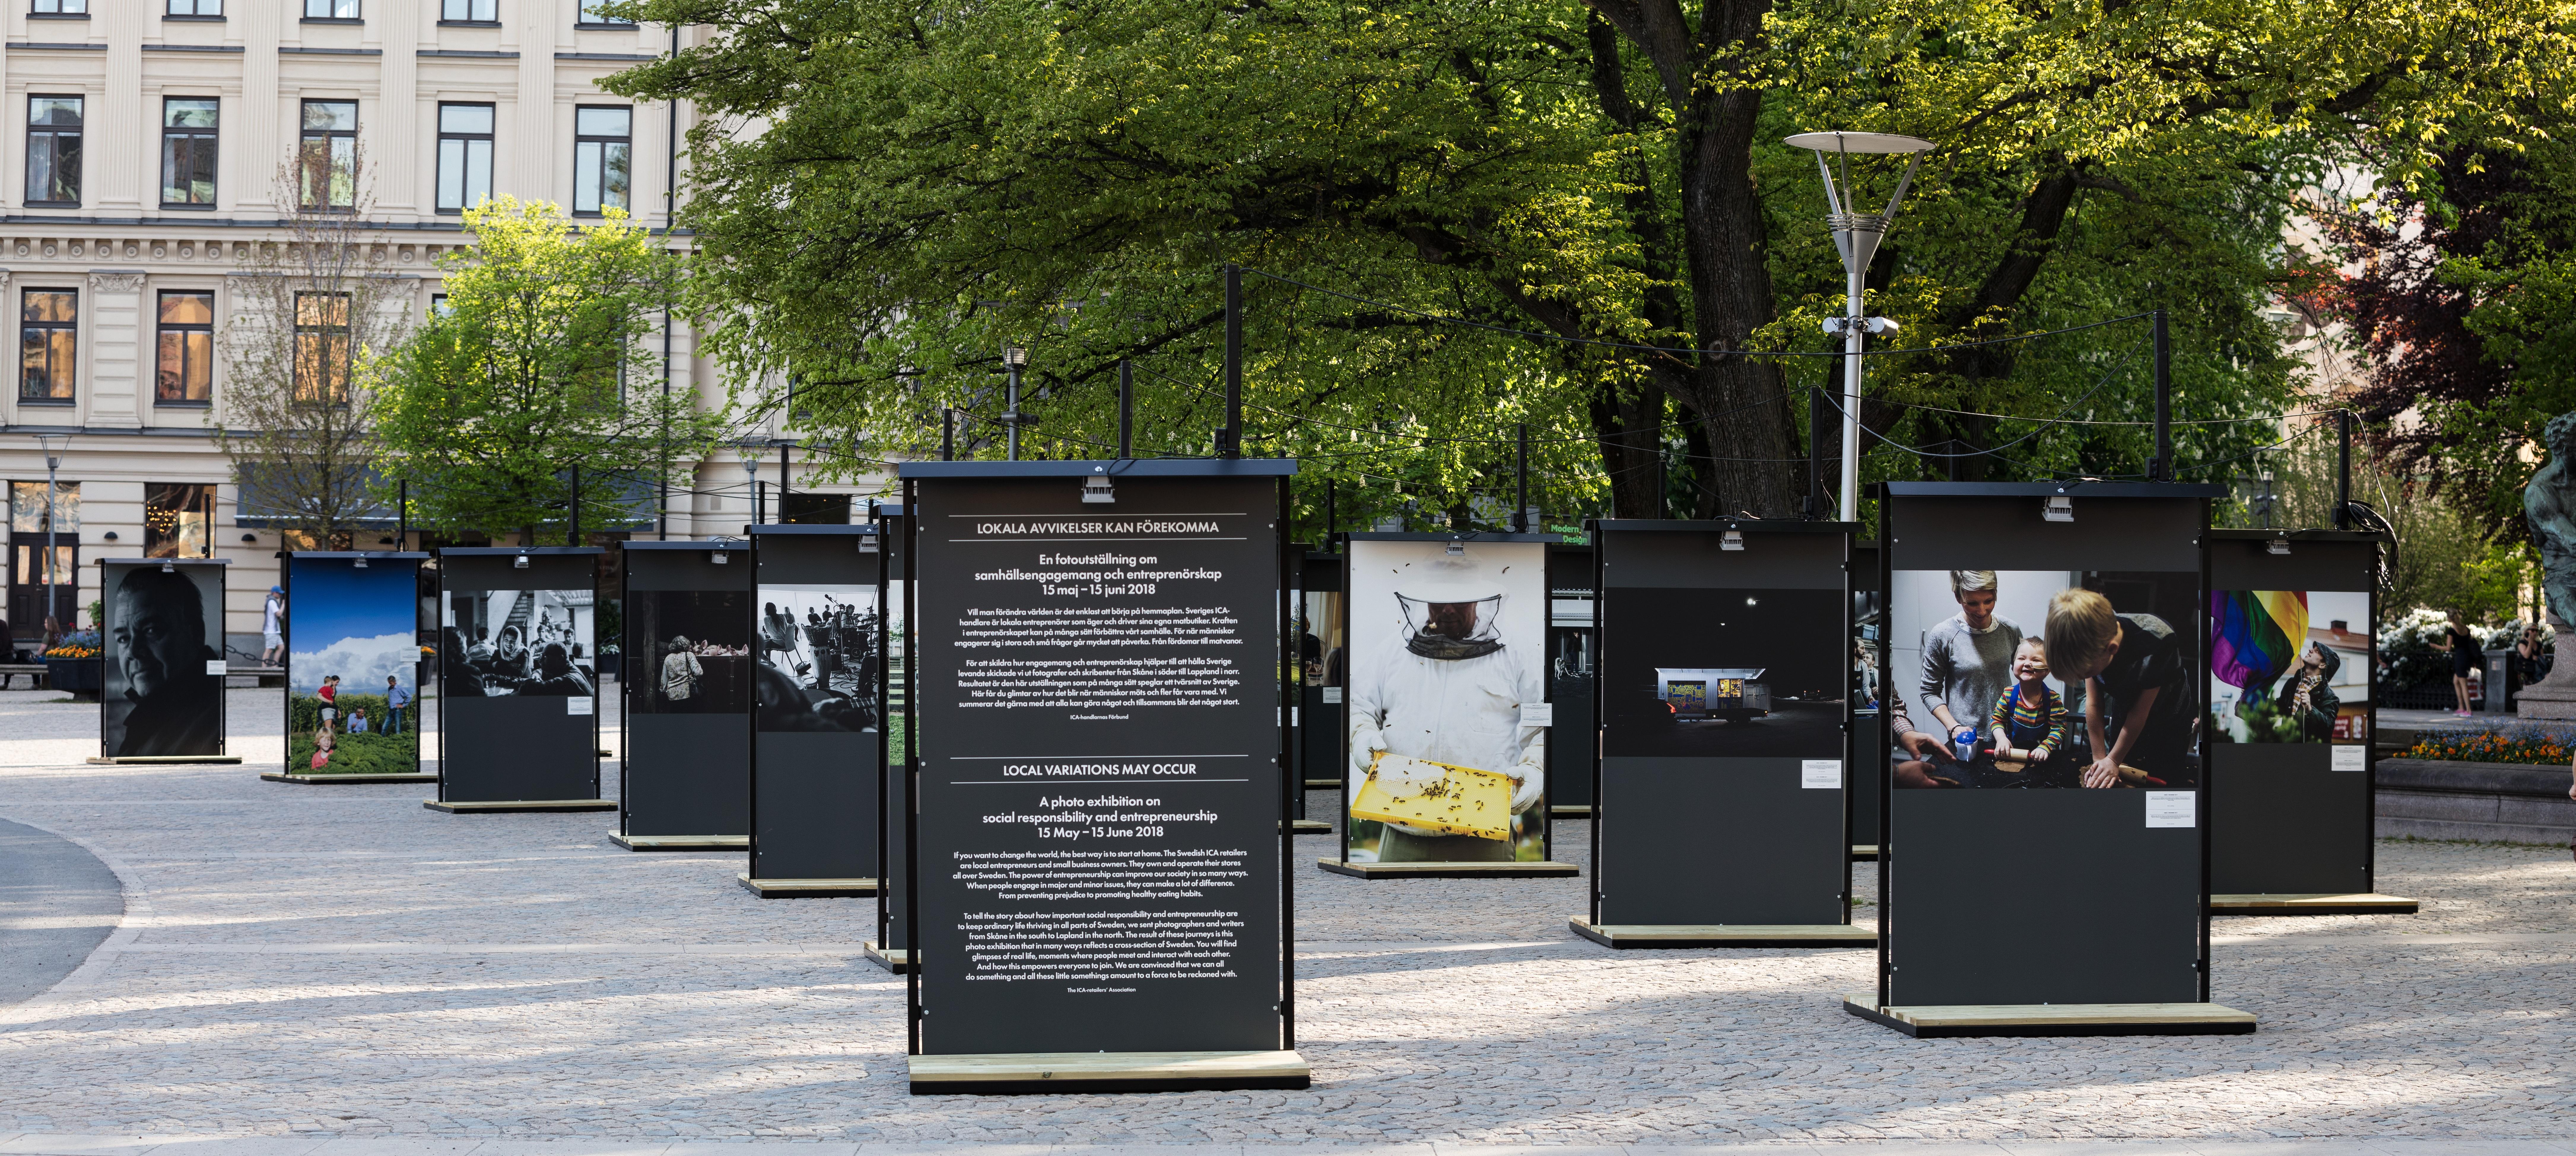 Västerås - nästa stopp för fotoutställningen Lokala avvikelser kan förekomma